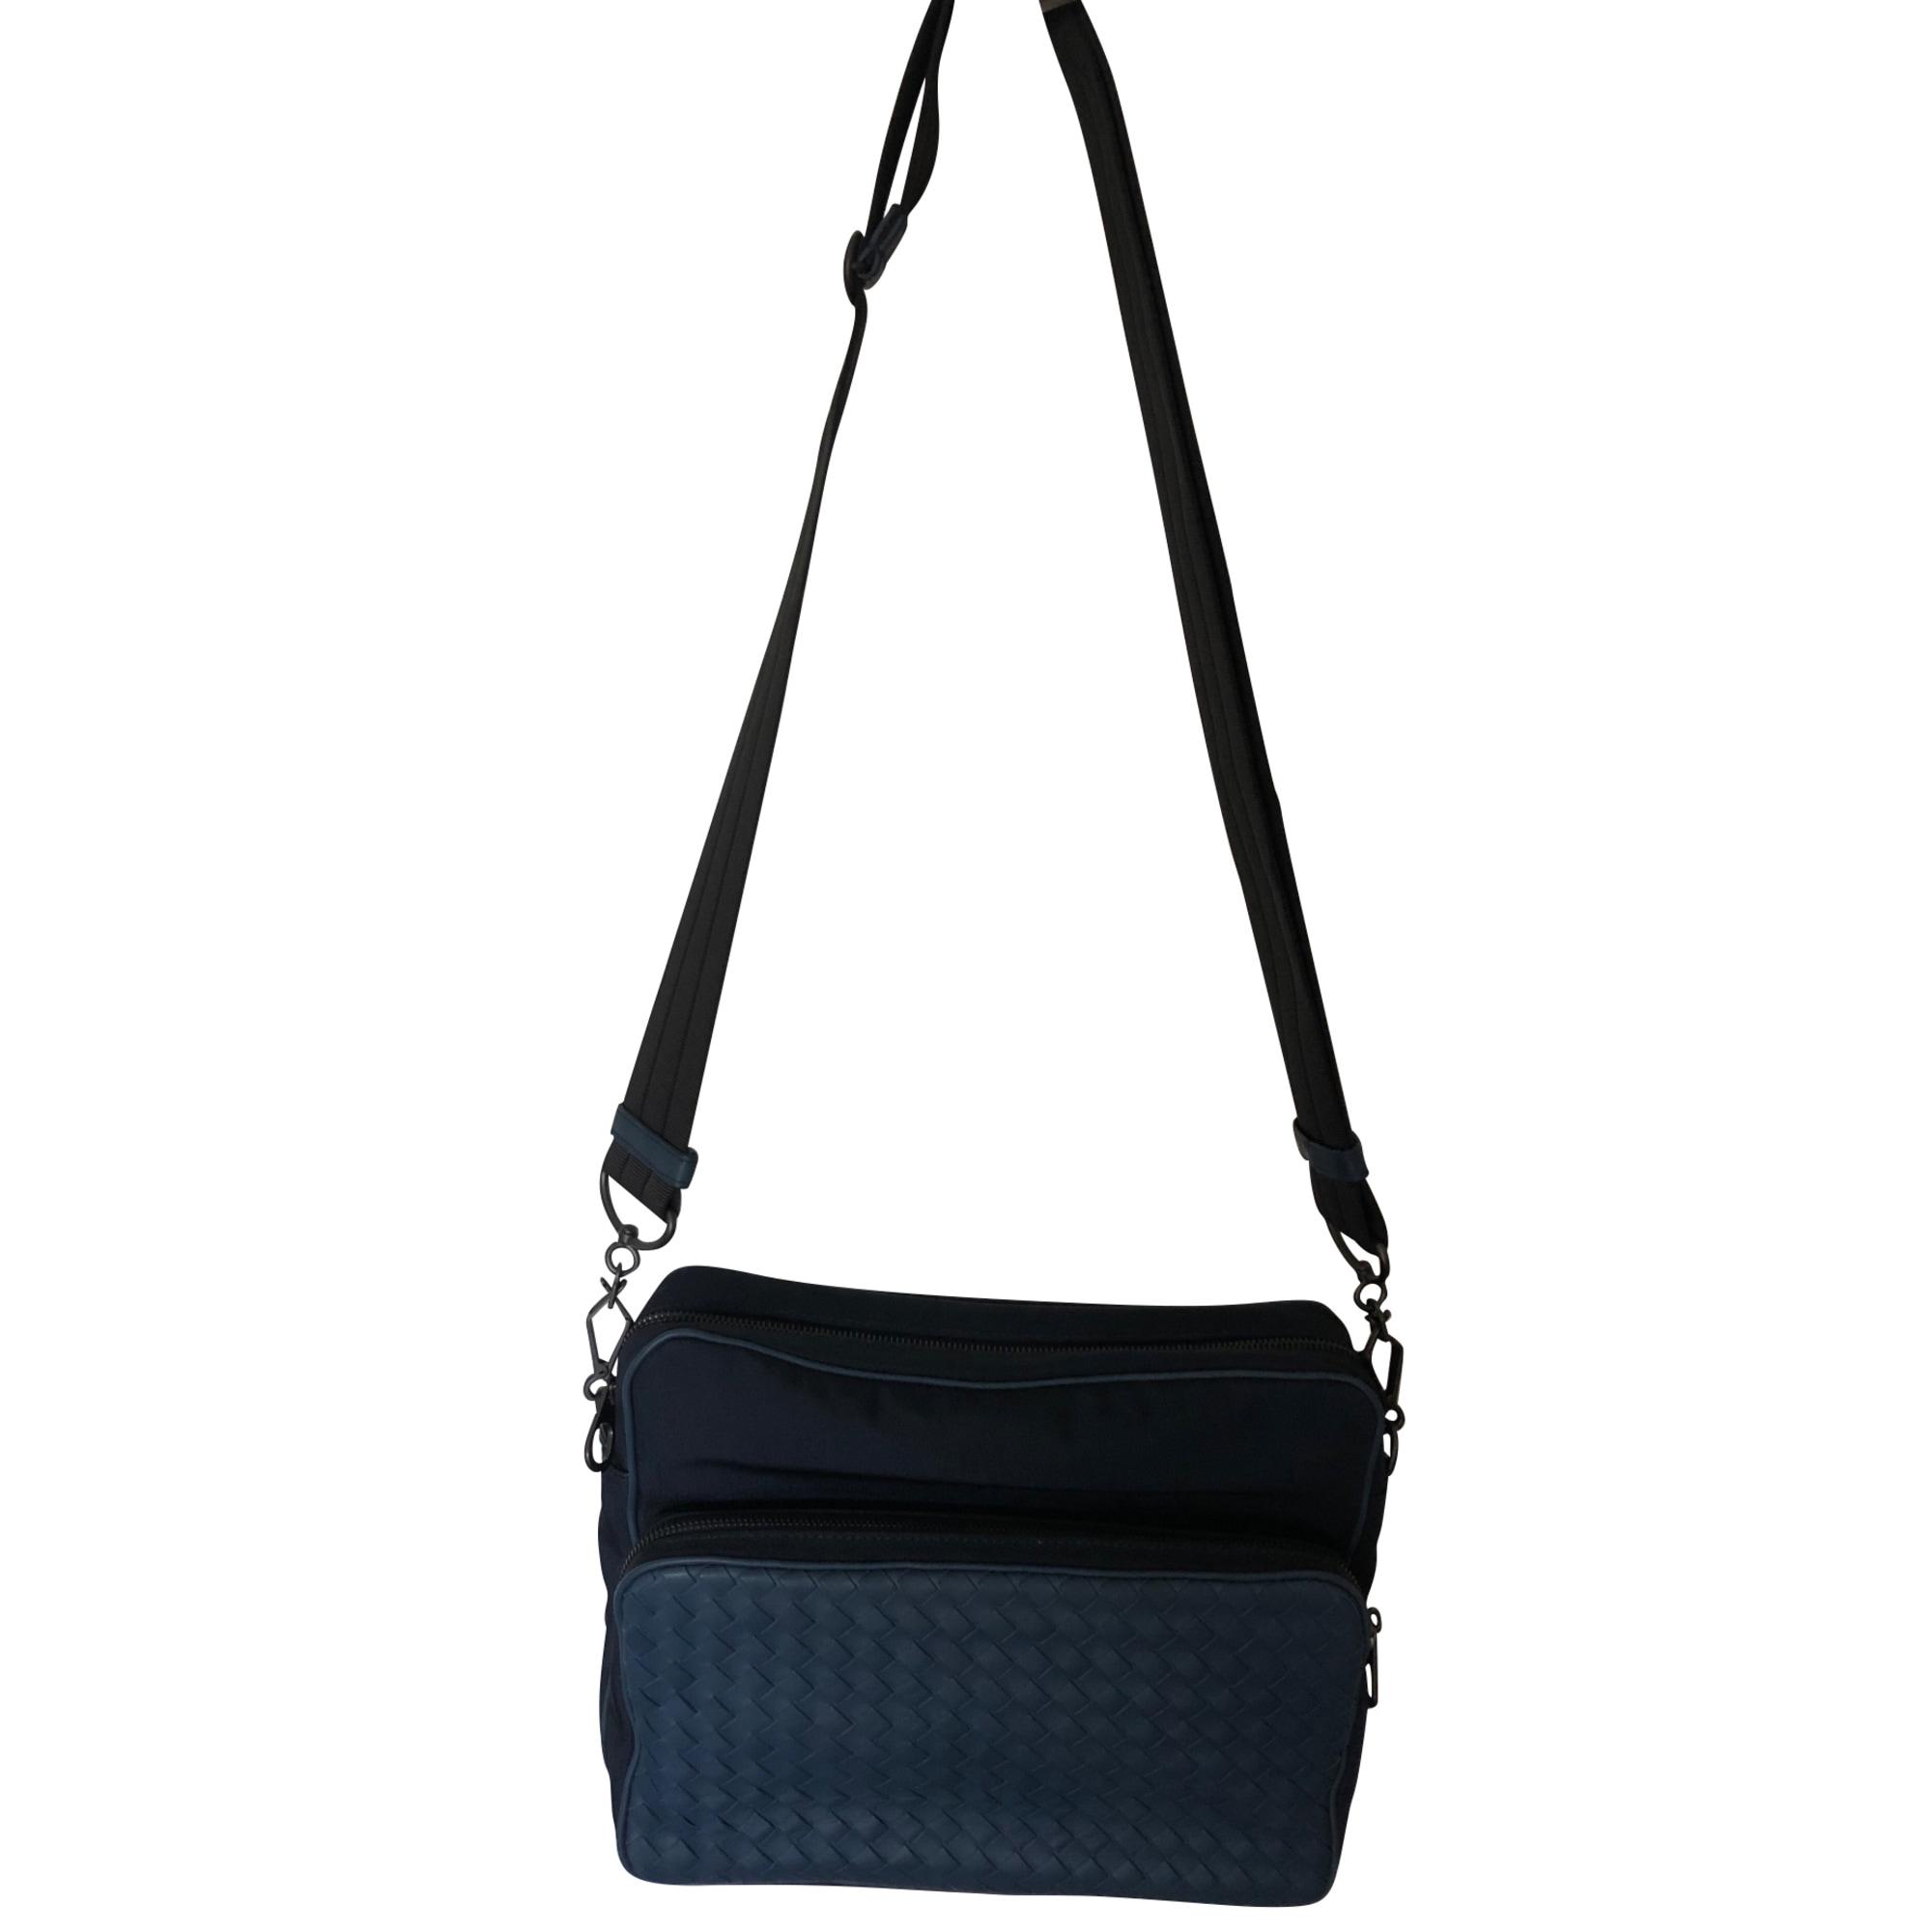 Schulter-Handtasche BOTTEGA VENETA Blau, marineblau, türkisblau